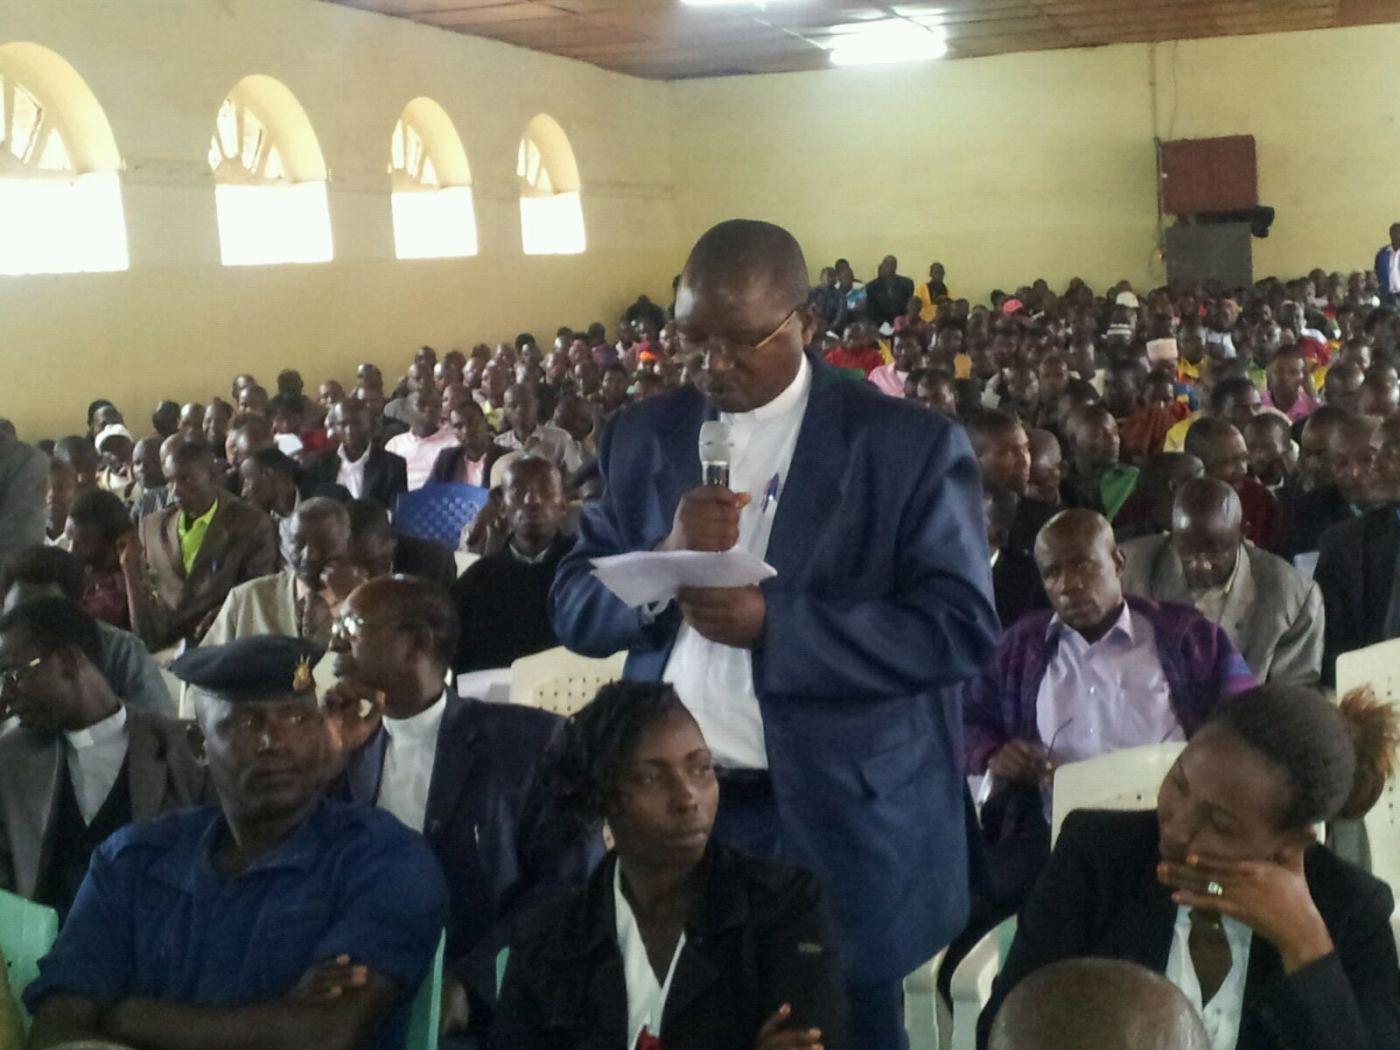 un homme d'Eglise demandera que les mandats soient scrupuleusement respectés,«quelle que soit la popularité du dirigeant».